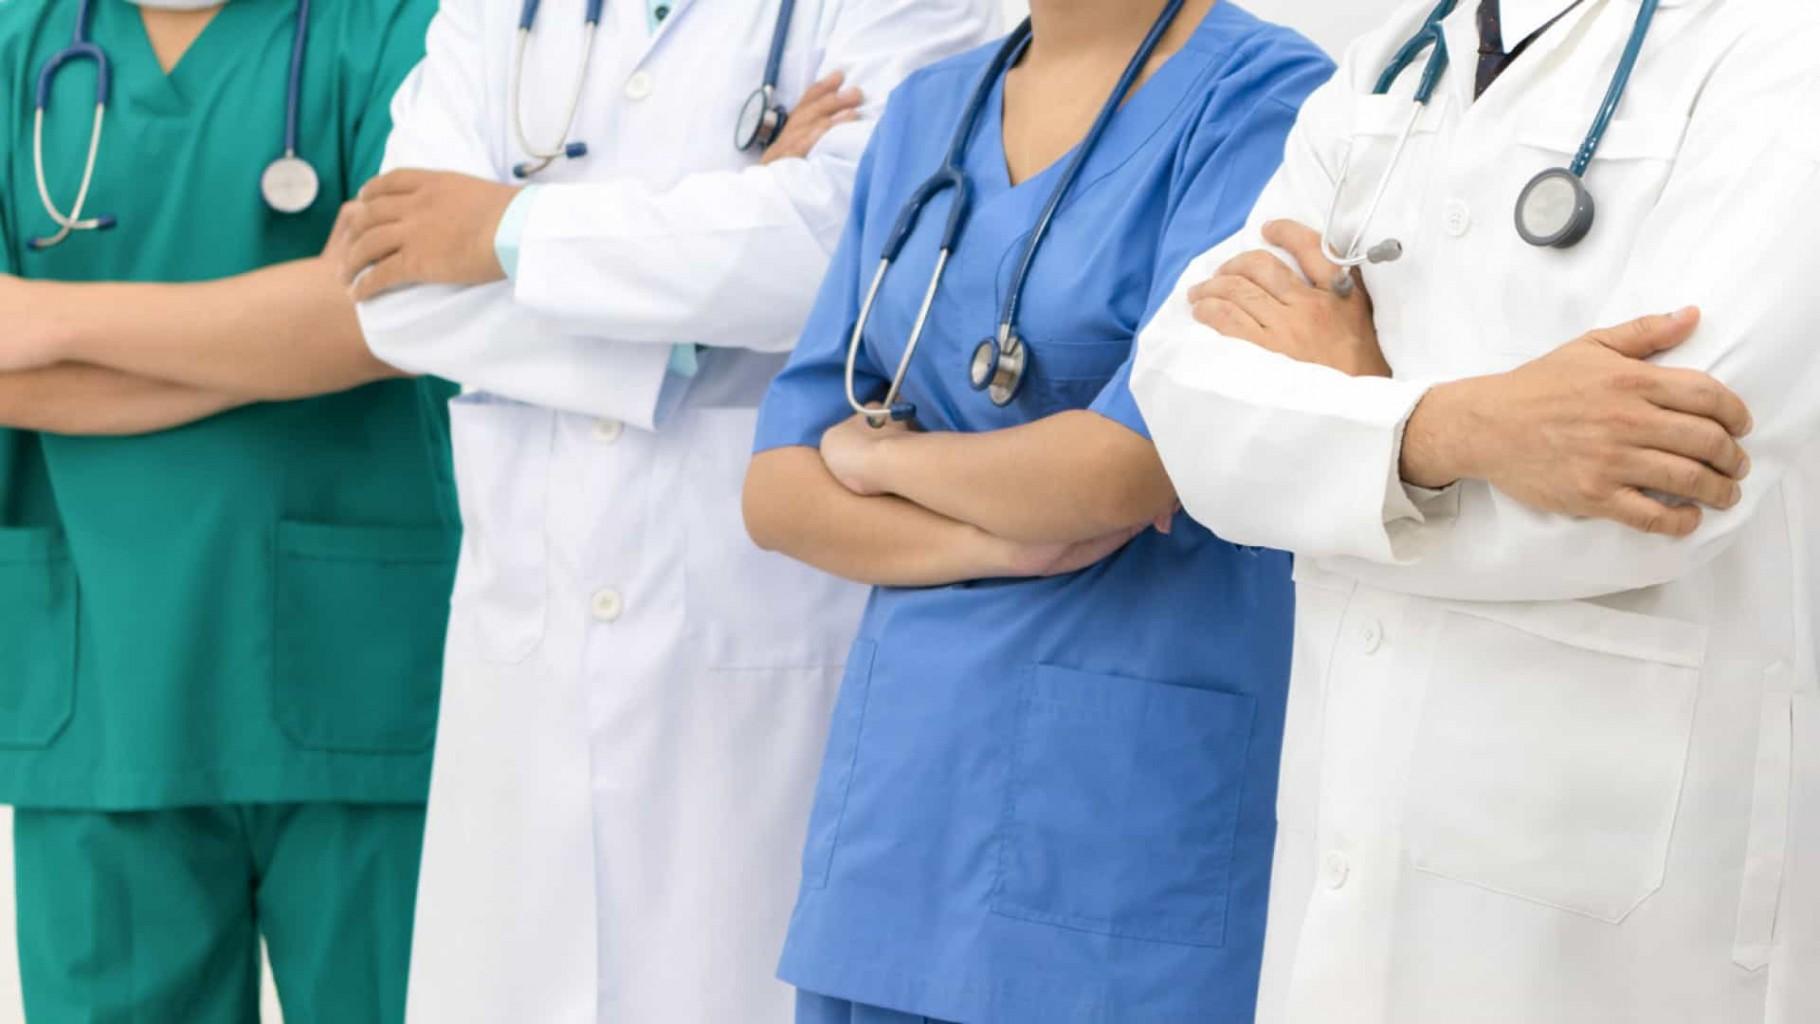 Centenas de enfermeiros especialistas continuam por integrar em unidades do SNS - sindicato